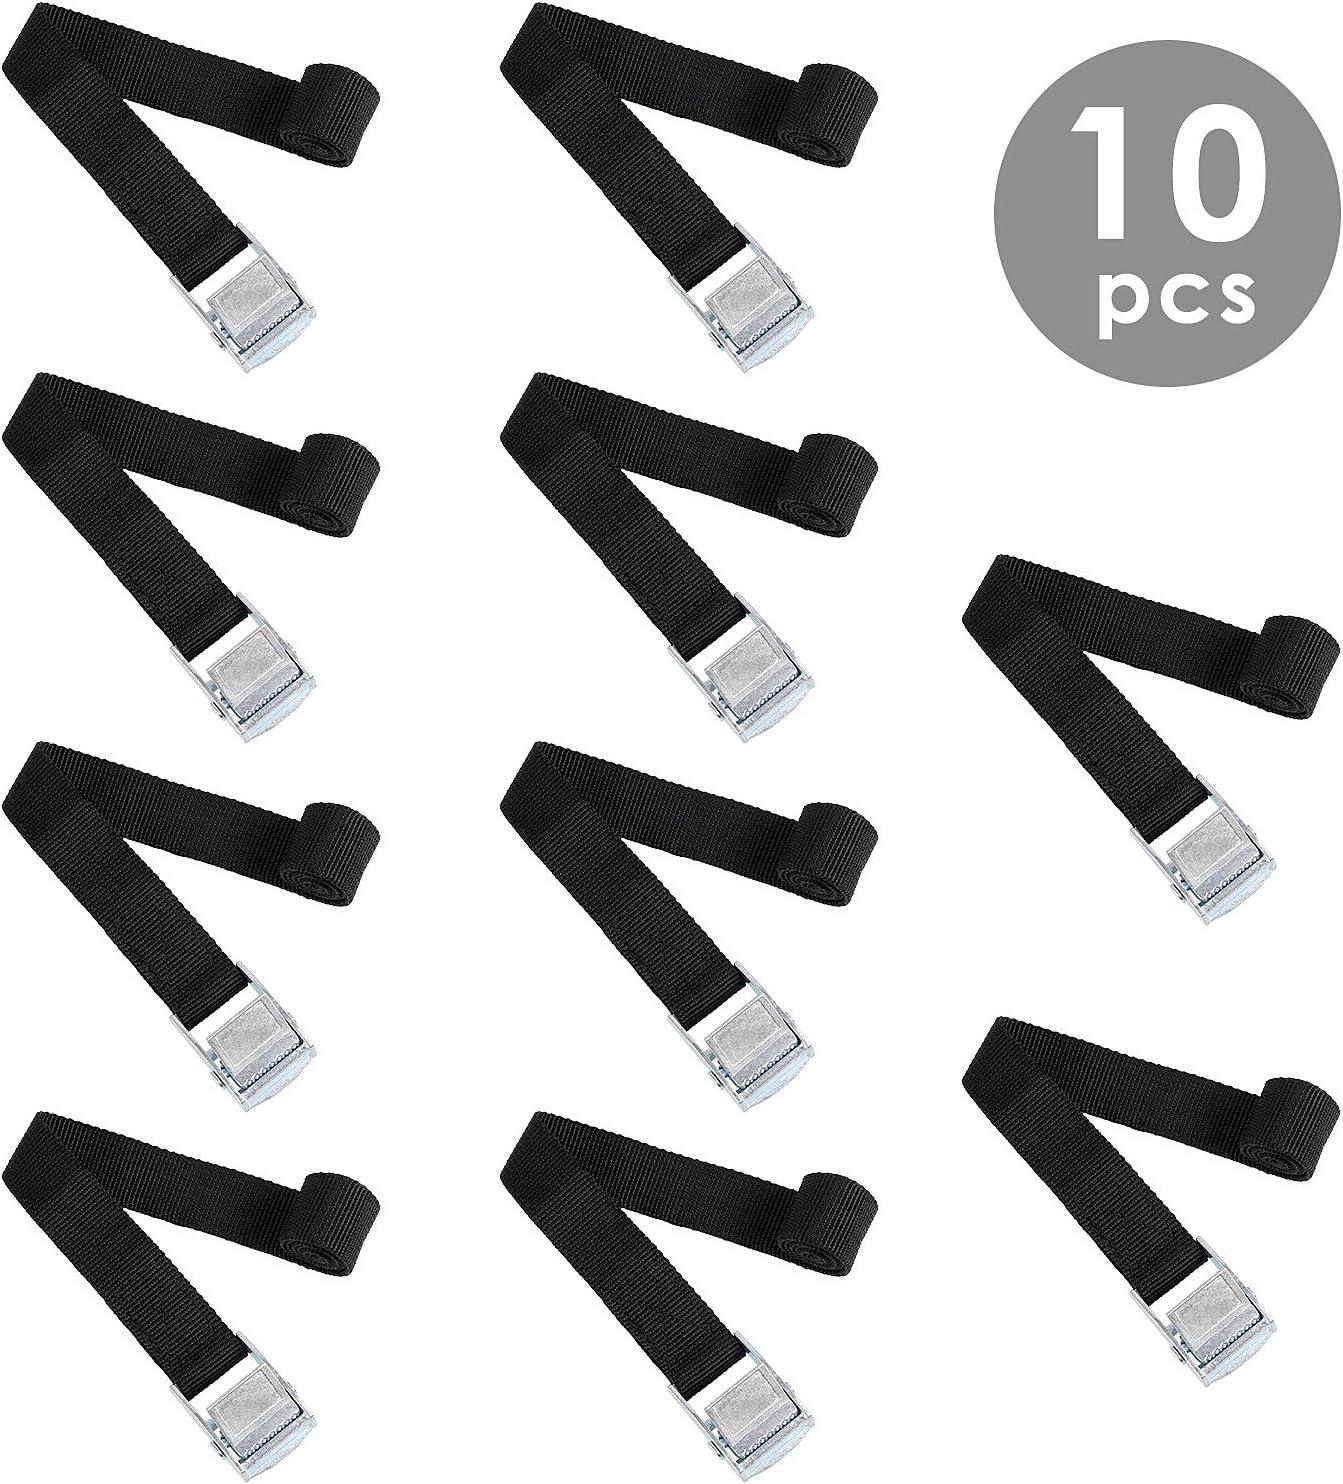 FIXKIT 10 pcs Correa de Amarre Cinta Trincaje de Sujeción Profesional Correa Trinquete Resistente con Hebillas 40 cm